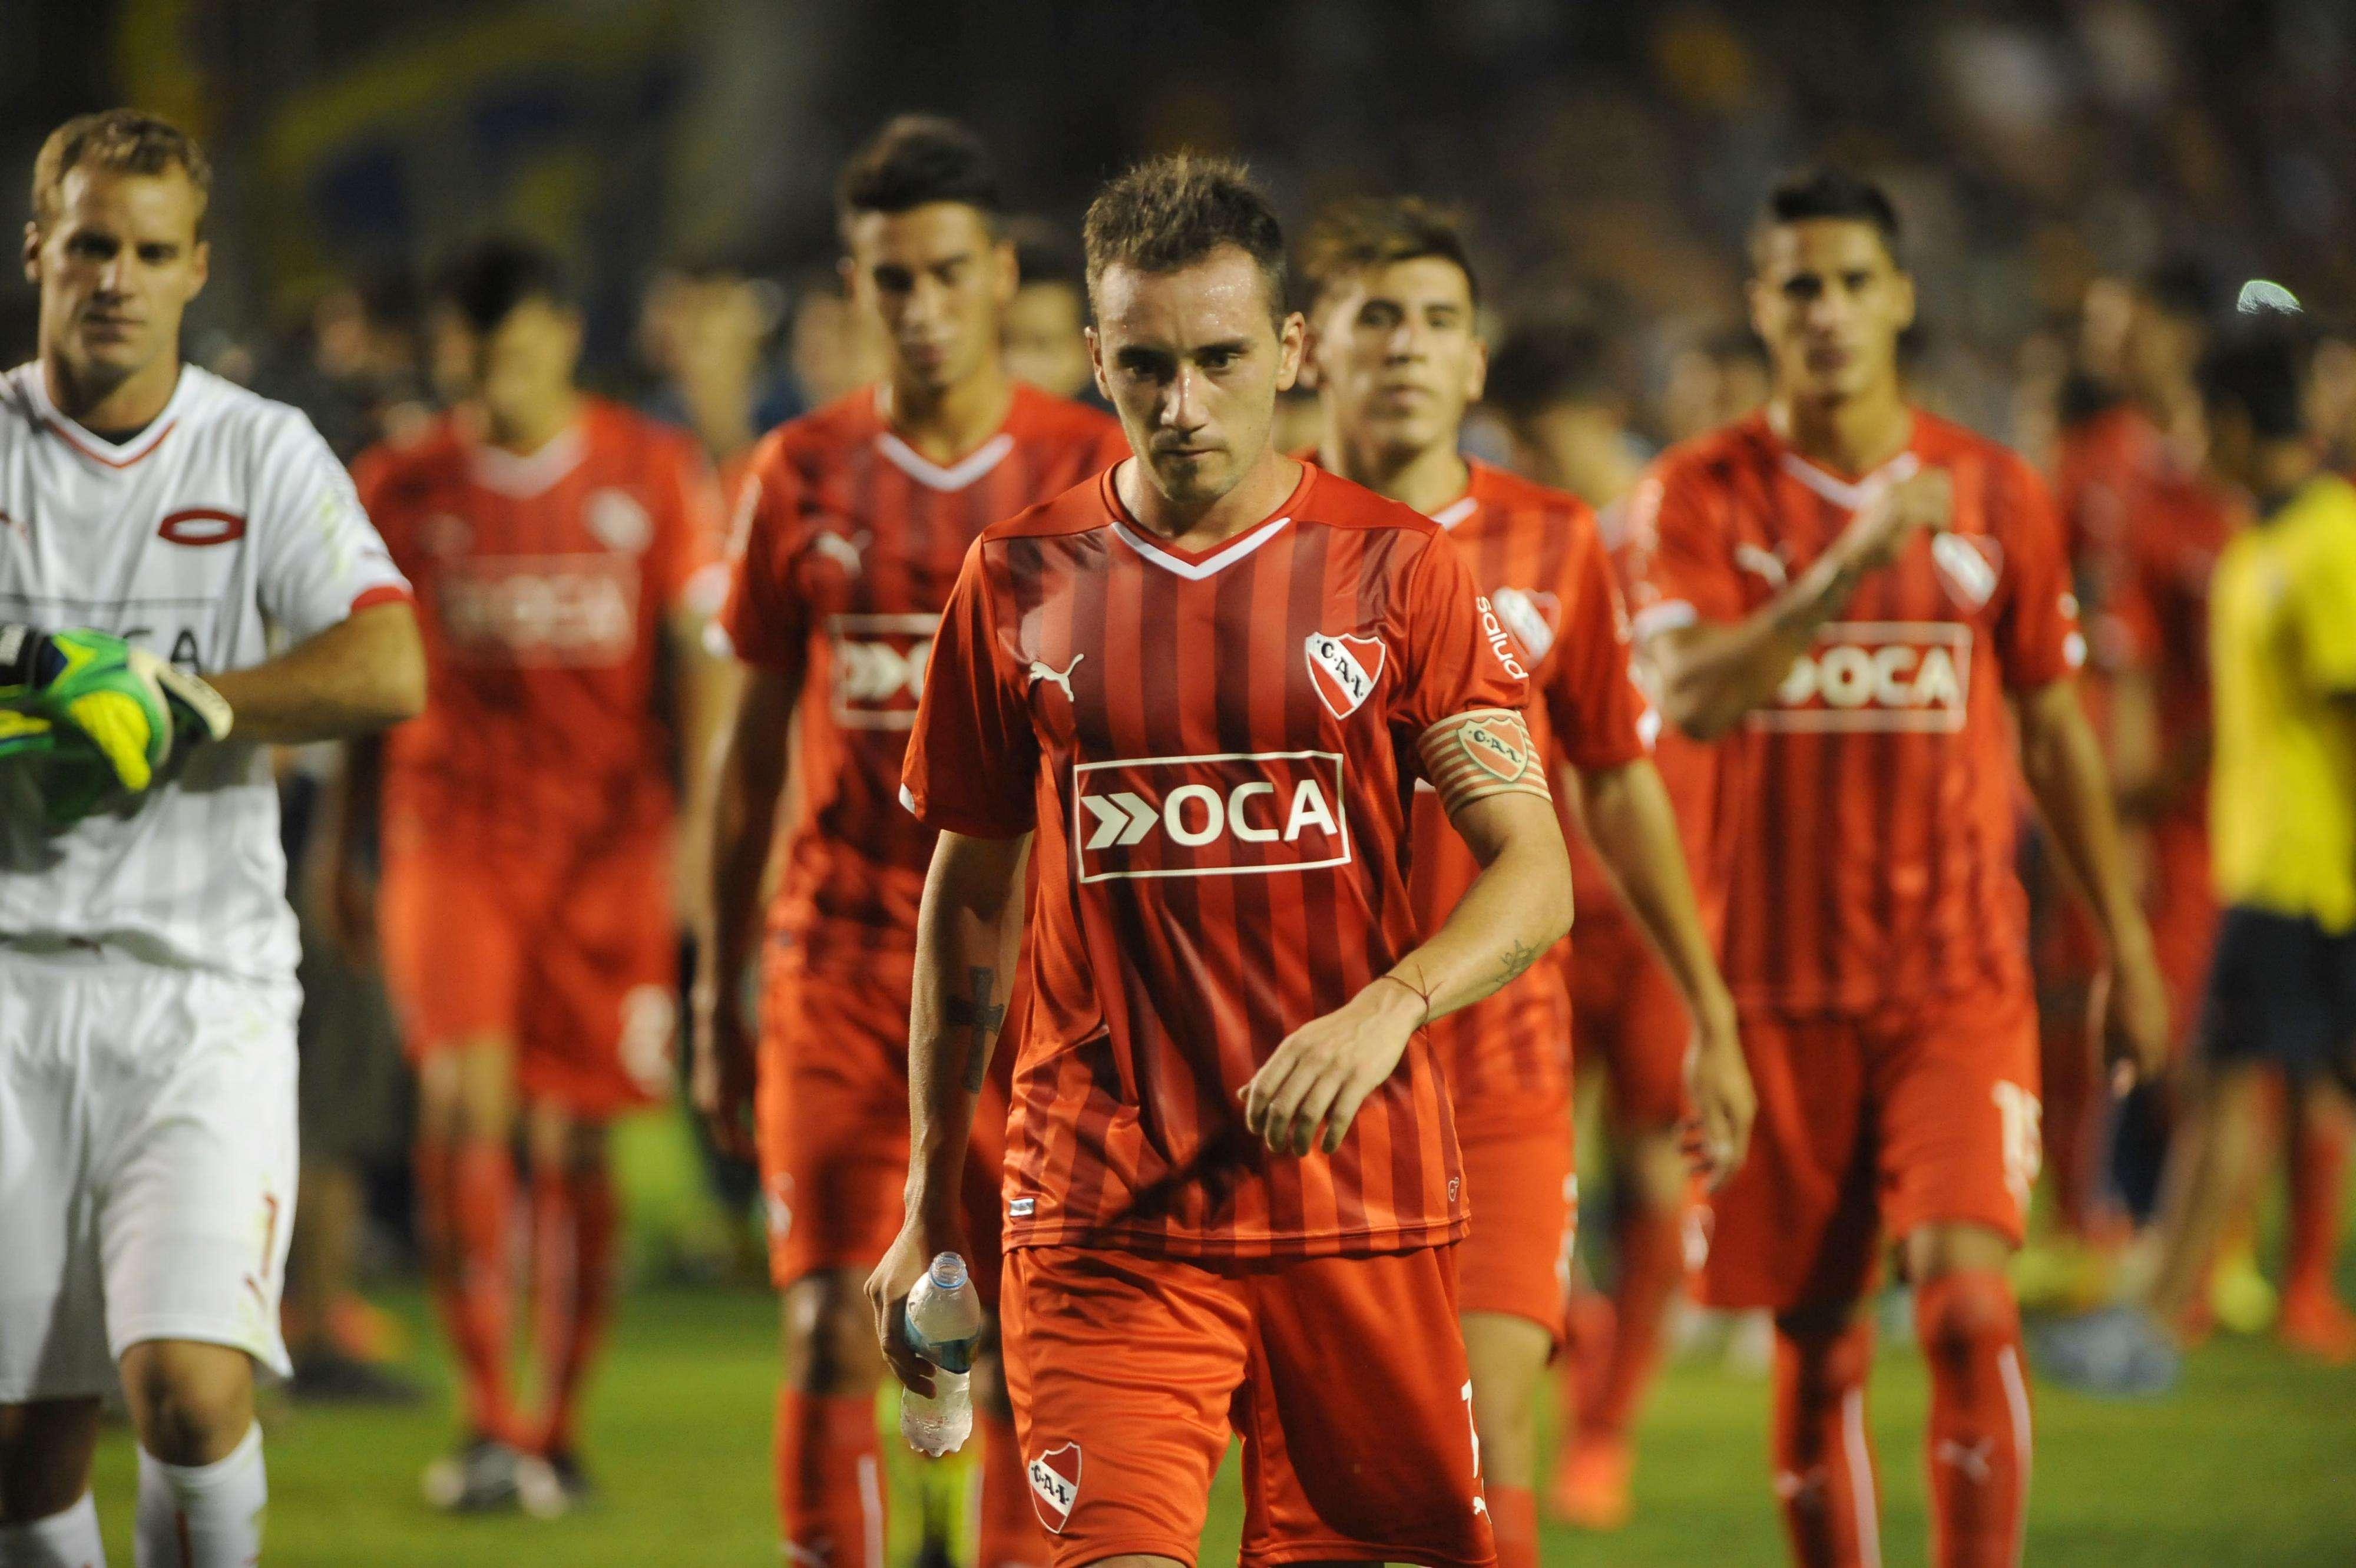 Mancuello y sus compañeros se retiran del campo de juego tras perder ante Boca. Foto: Noticias Argentinas